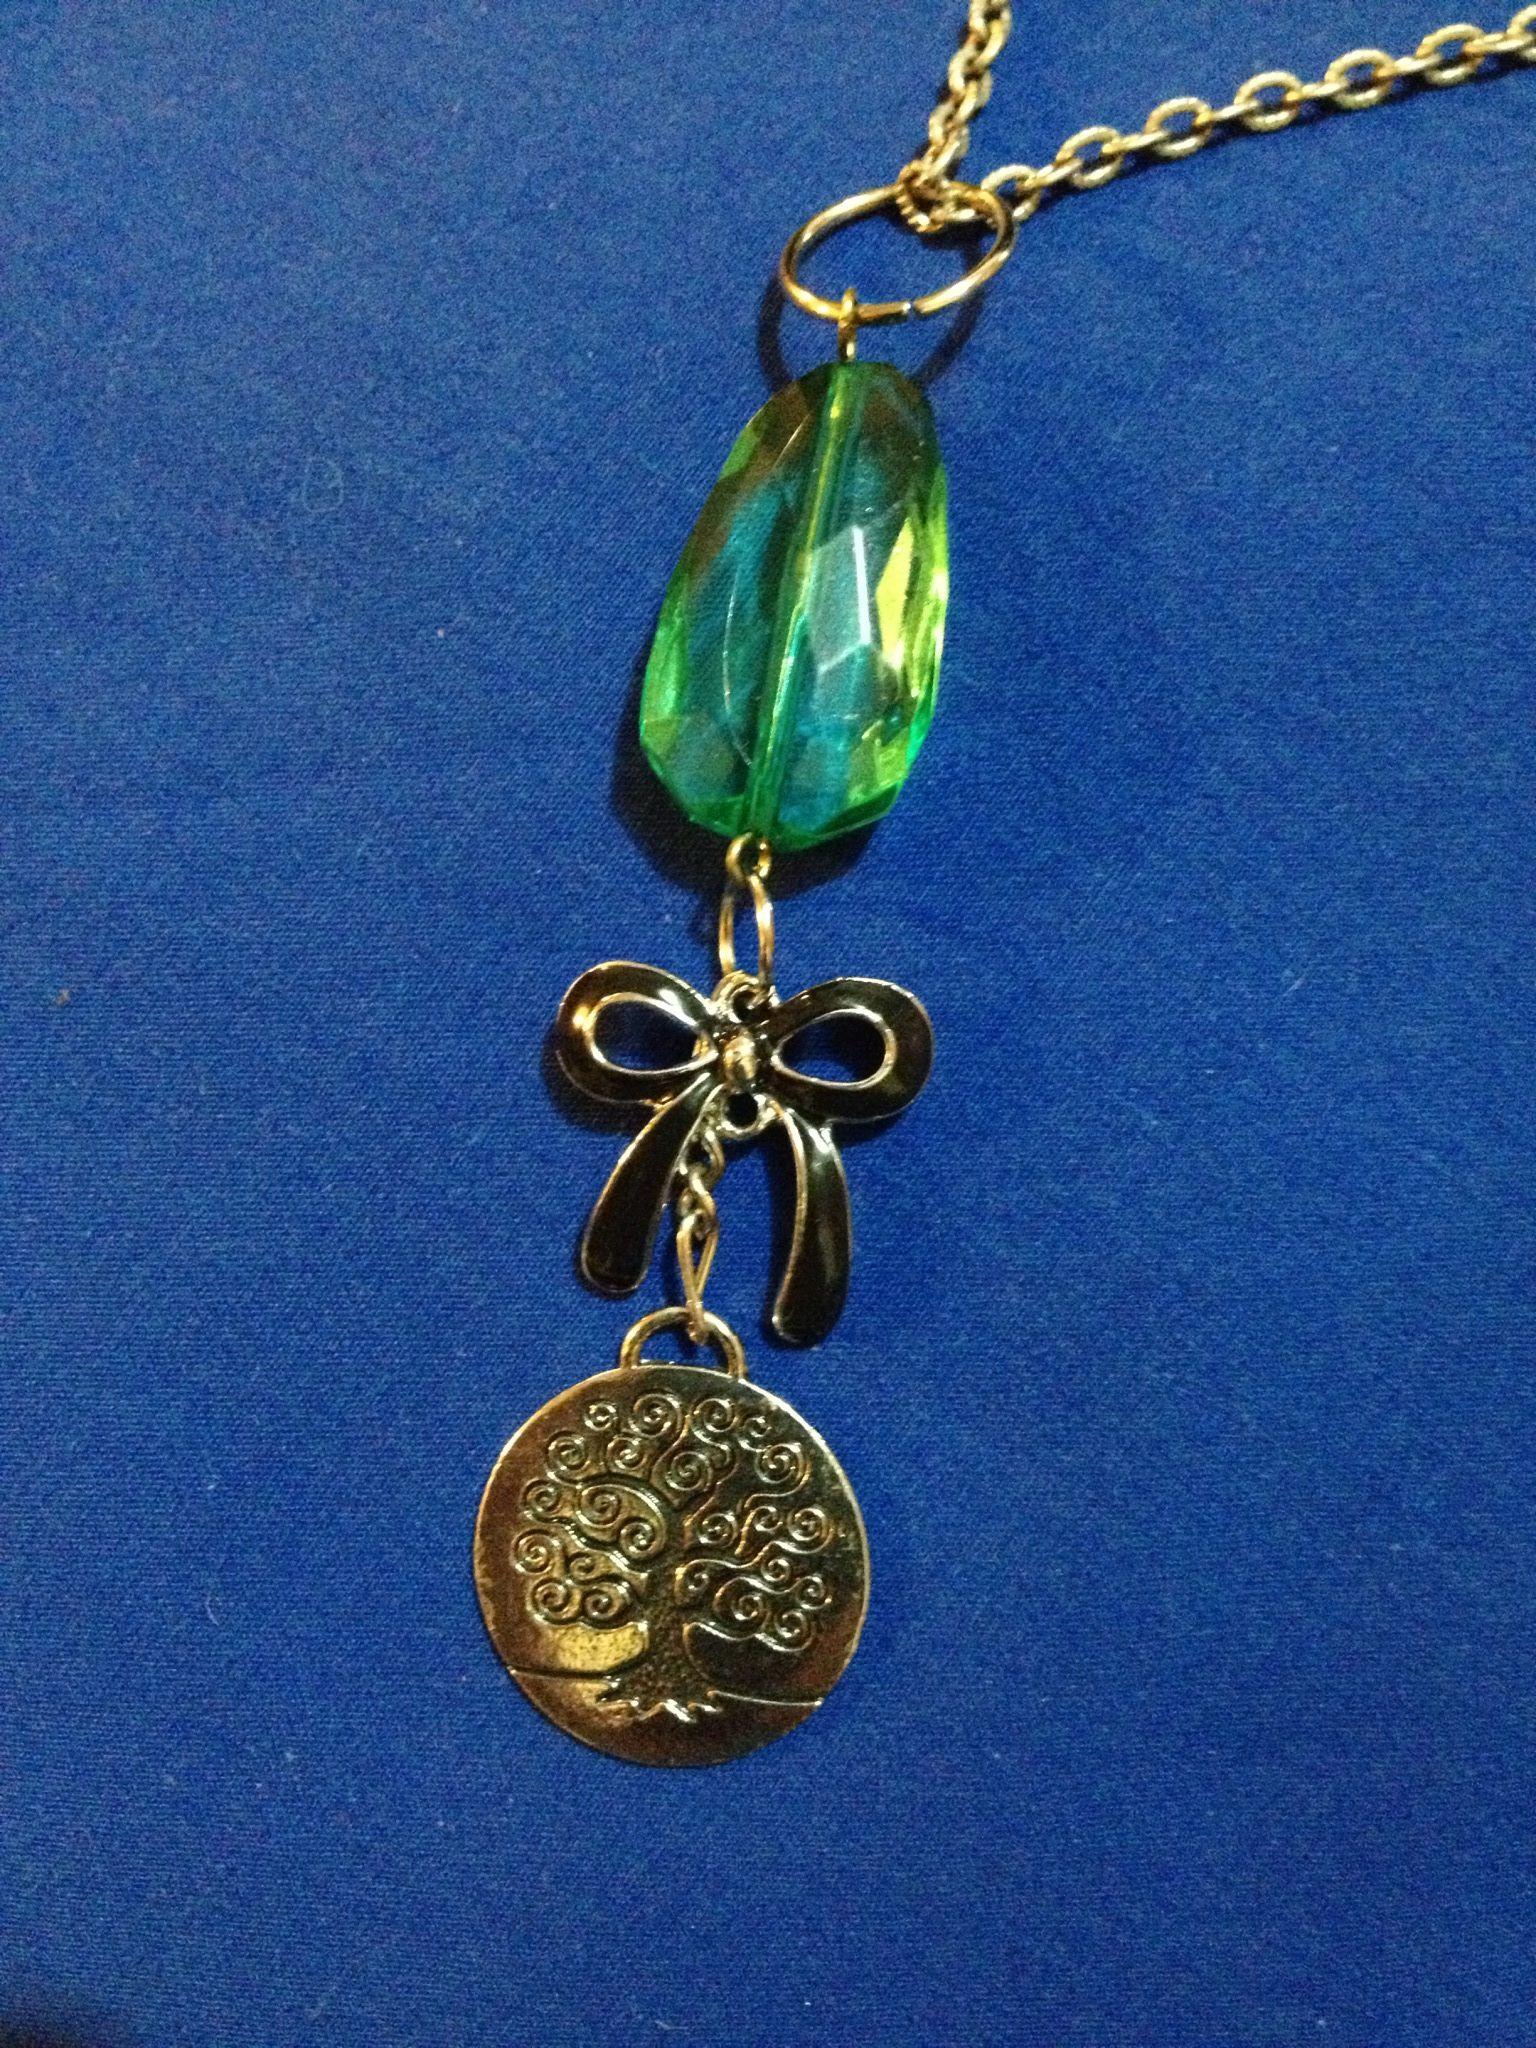 Disponibles a la venta en  Costa Rica   Nos encuentras en Facebook: Lucky.accesoriosyregalos